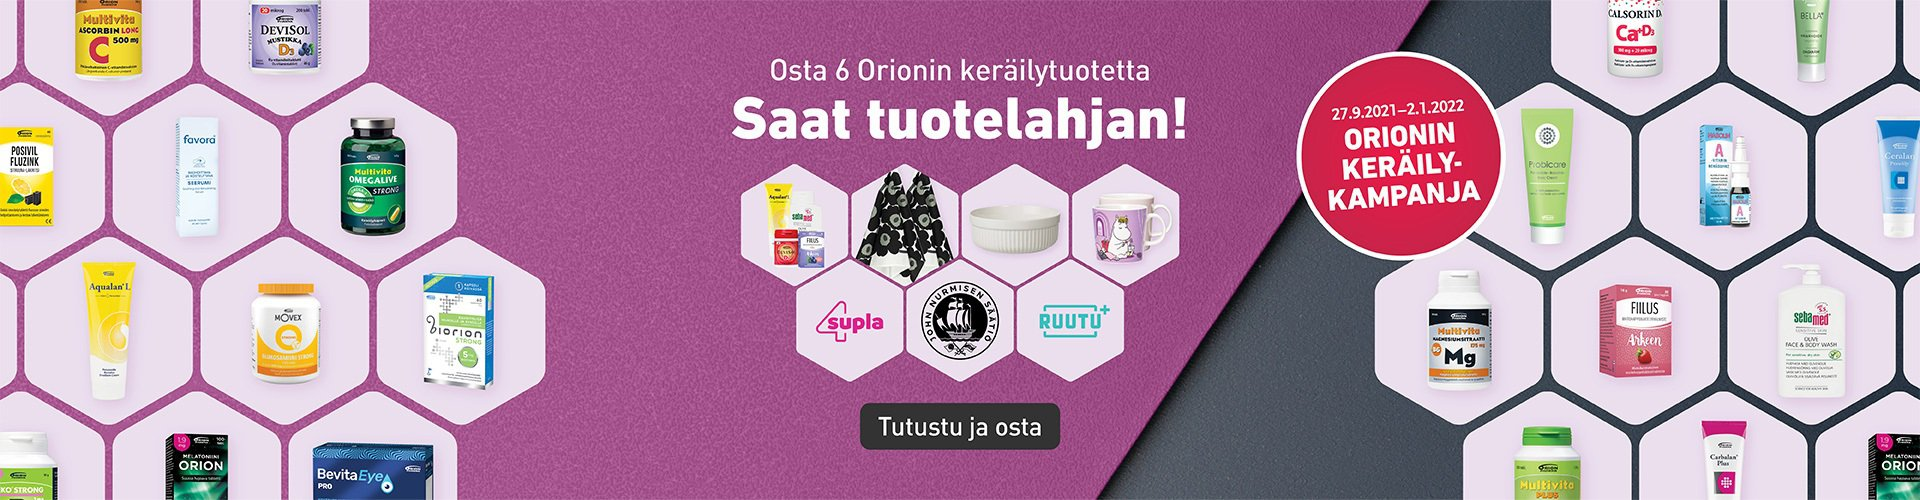 Orionin keräilykampanja lahja kuuden tuotteen ostajalle